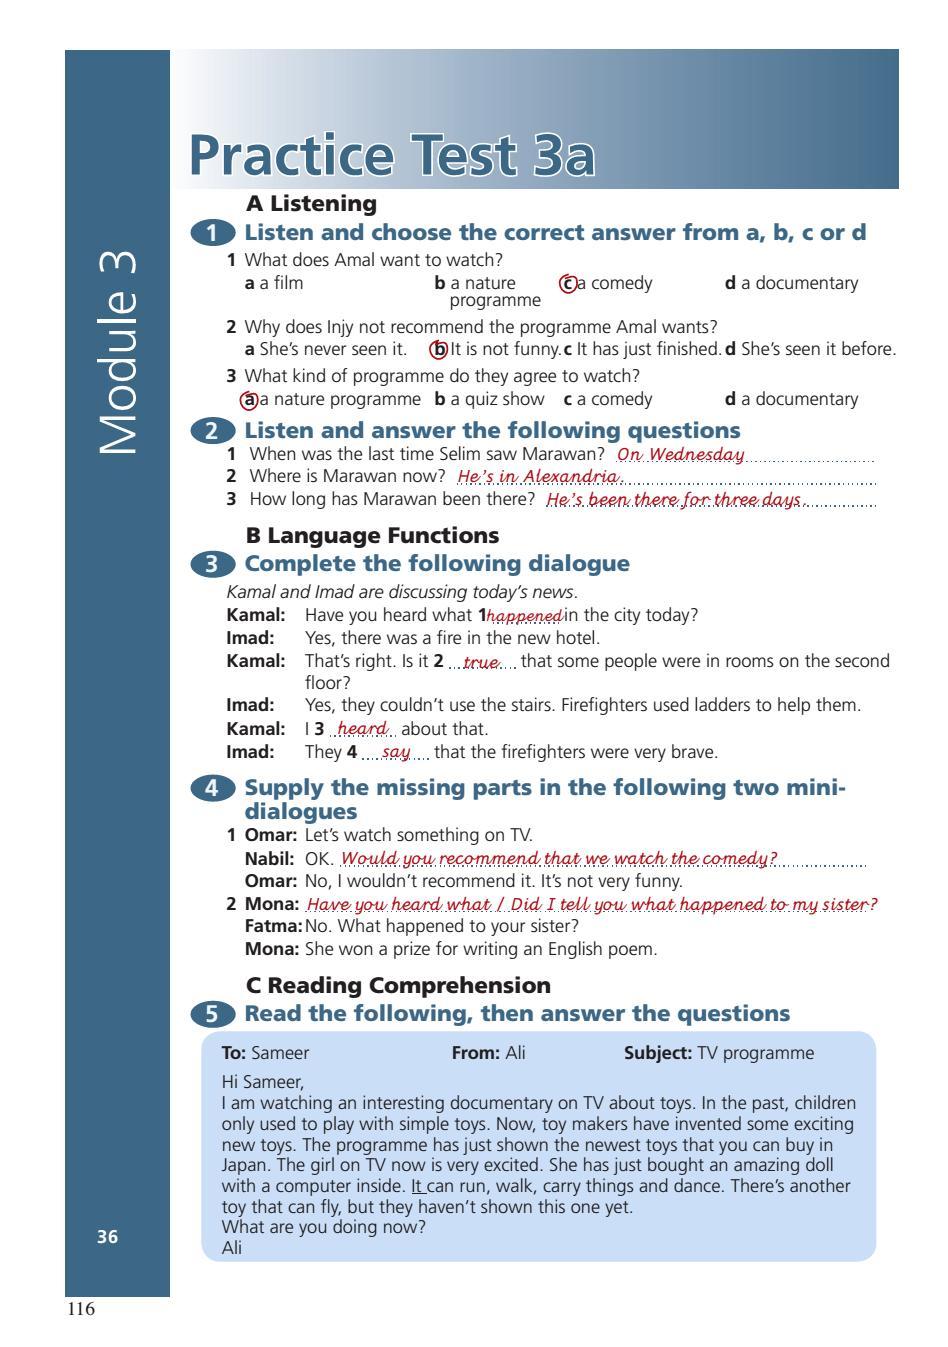 اجابات امتحانات الورك بوك لمنهج اللغة الانجليزية الصف الثانى الاعدادى الترم الاول (اجابات الاسئلة المتوقعة) 2019